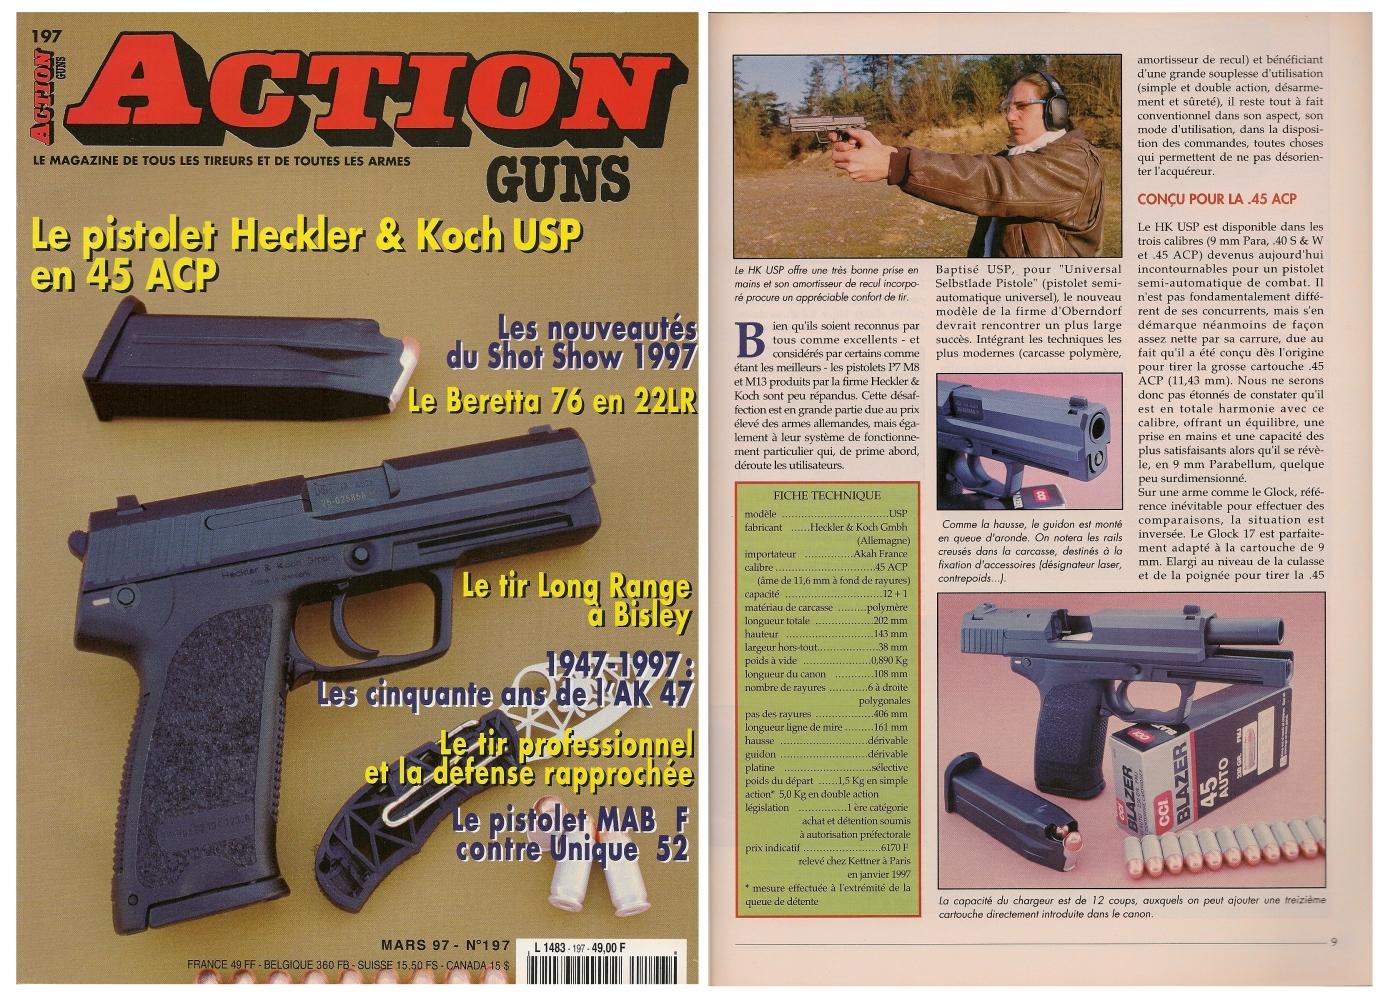 Le banc d'essai du pistolet HK modèle USP a été publié sur 7 pages dans le magazine Action Guns n° 197 (mars 1997).